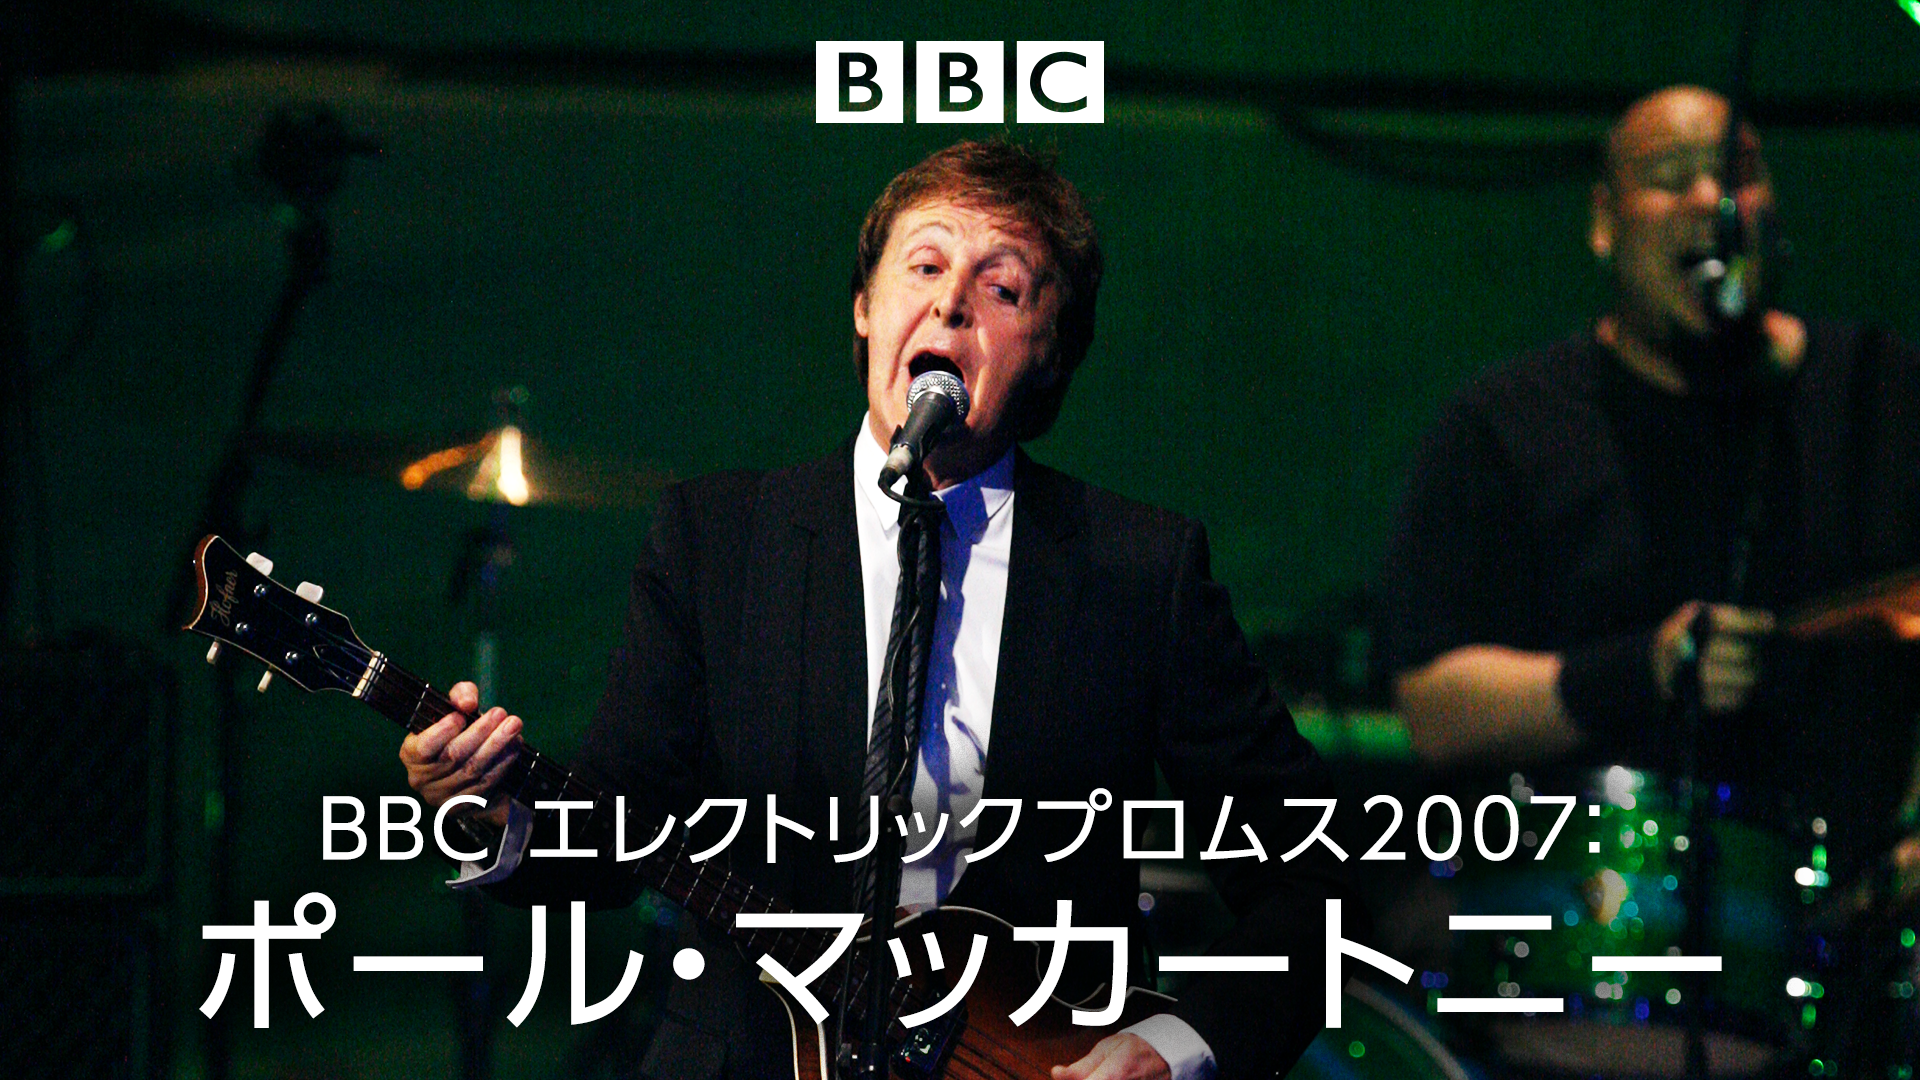 BBC エレクトリック・プロムス2007:ポール・マッカートニーの動画 - BBC エレクトリック・プロムス